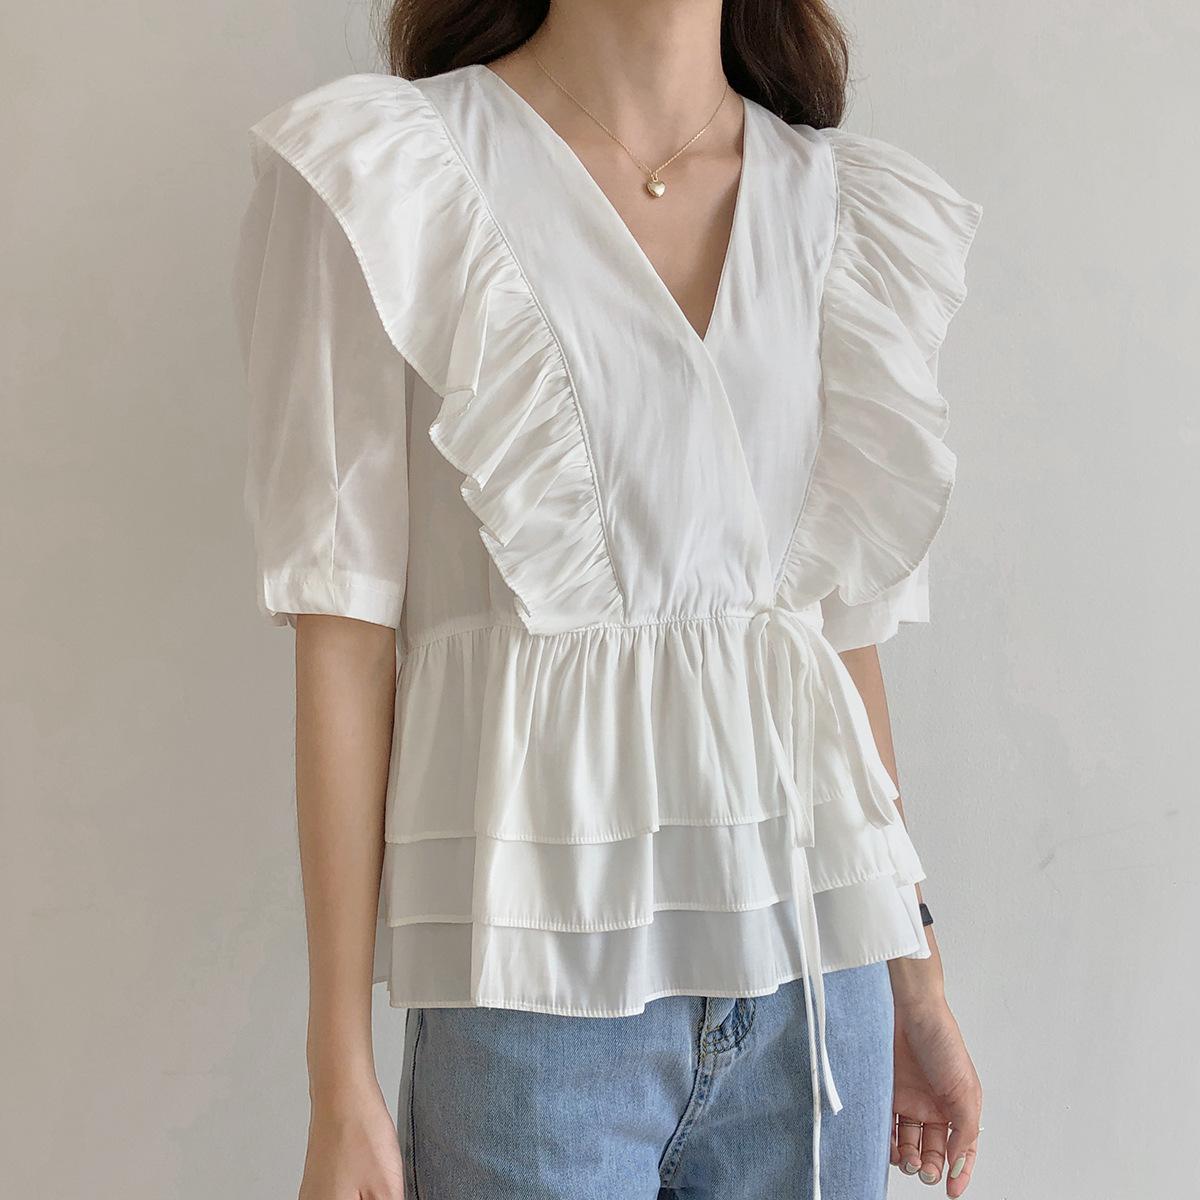 【欧凡】7281泡泡袖系带上衣2020夏新款V领荷叶边下摆褶皱衬衣女